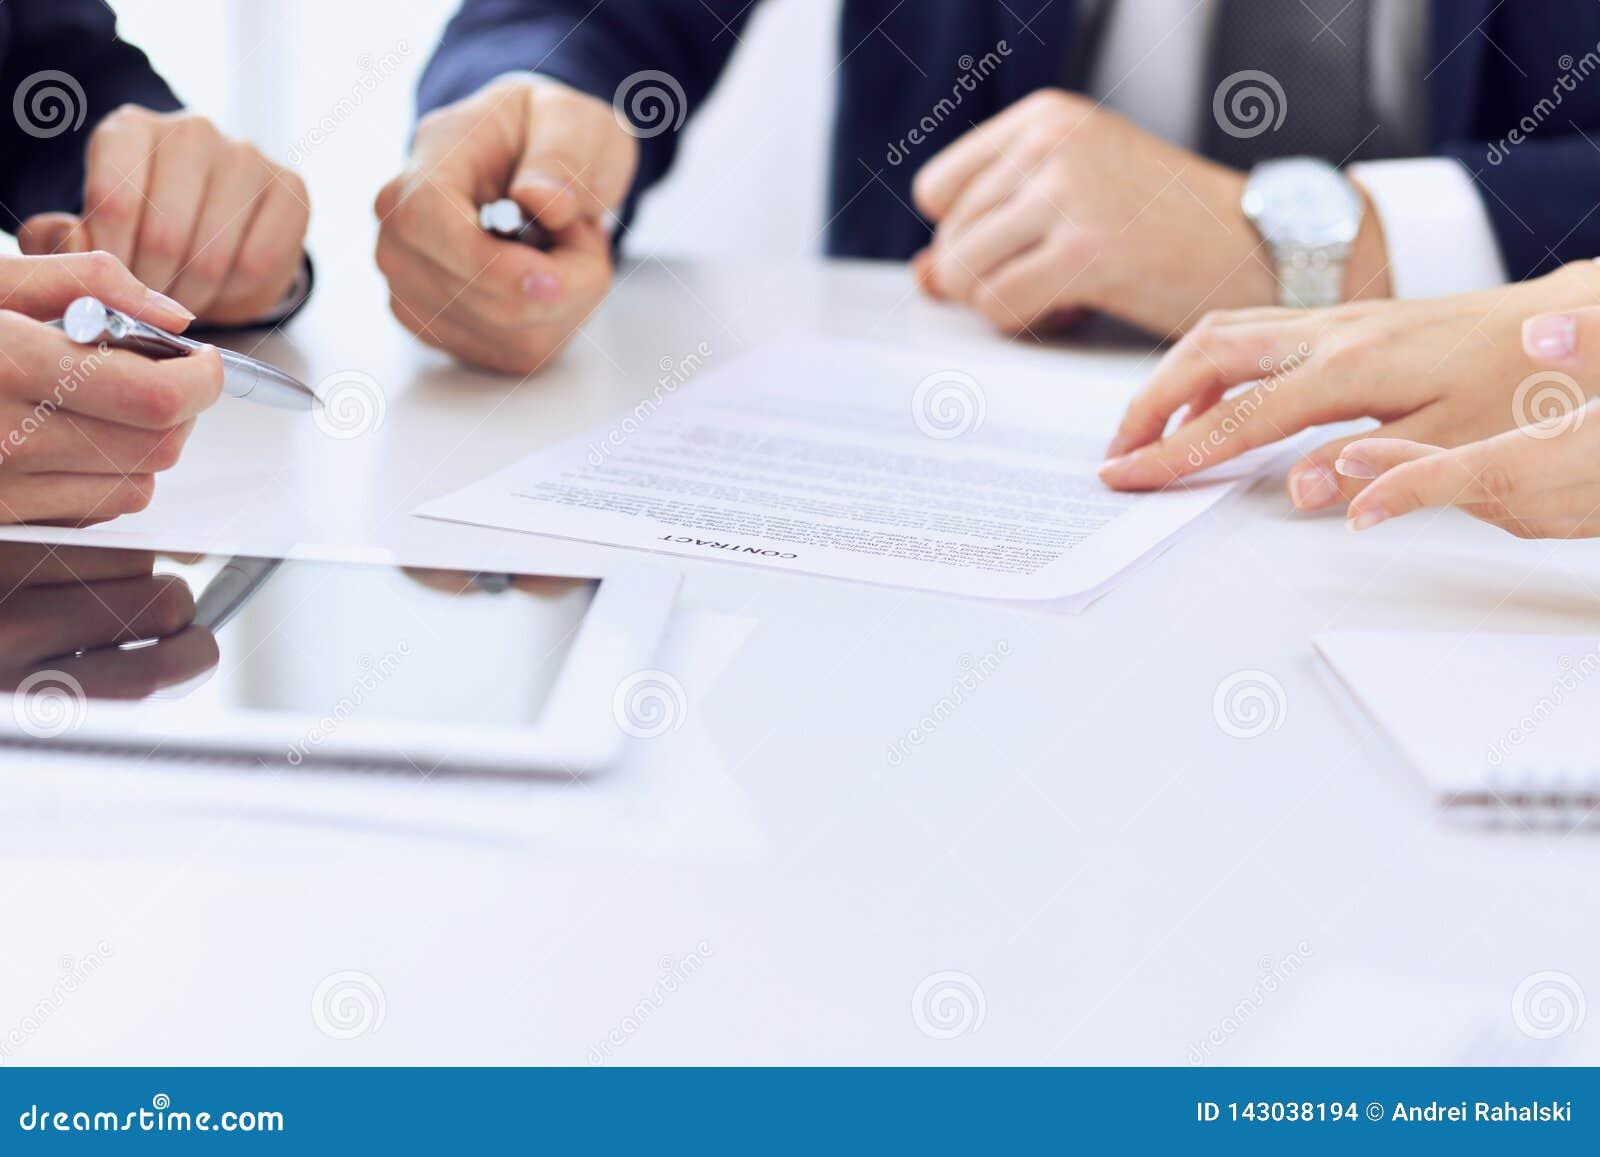 Gruppe Geschäftsleute und Rechtsanwälte, die Vertrag besprechen, tapeziert das Sitzen am Tisch, Nahaufnahme Erfolgreiche Teamwork